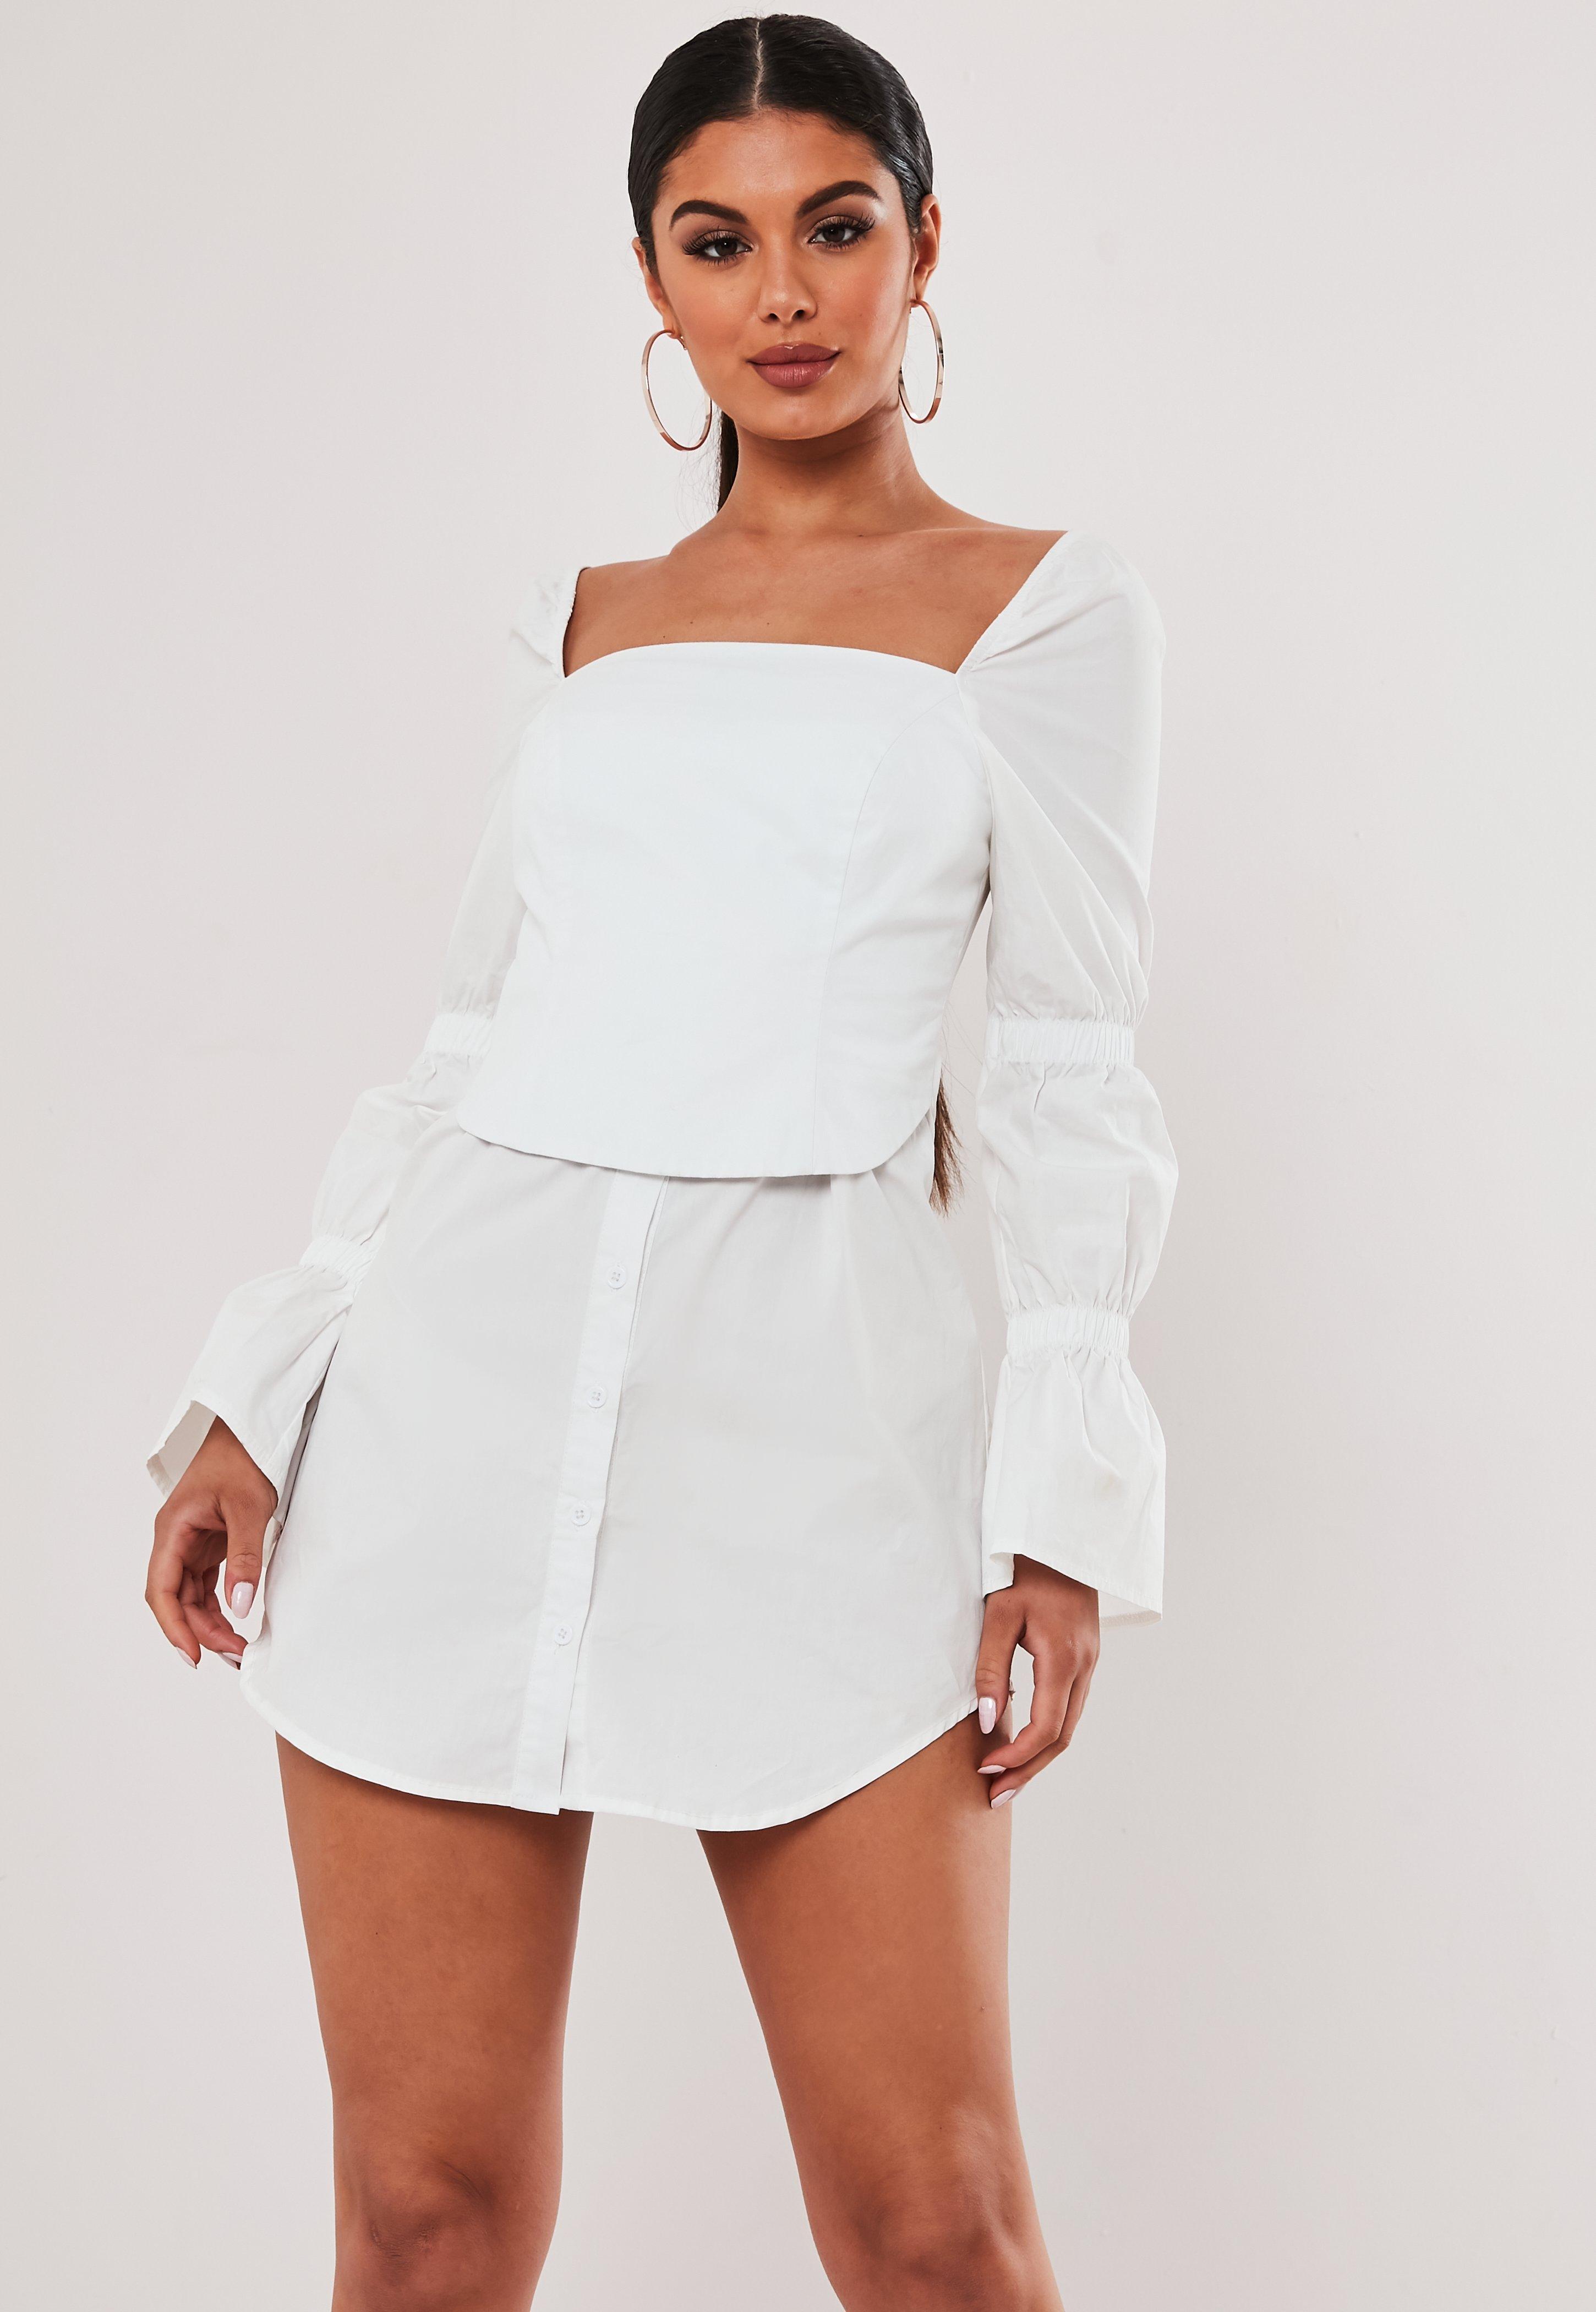 Stassie x Missguided Vestido camisero con corsé de popelina en blanco